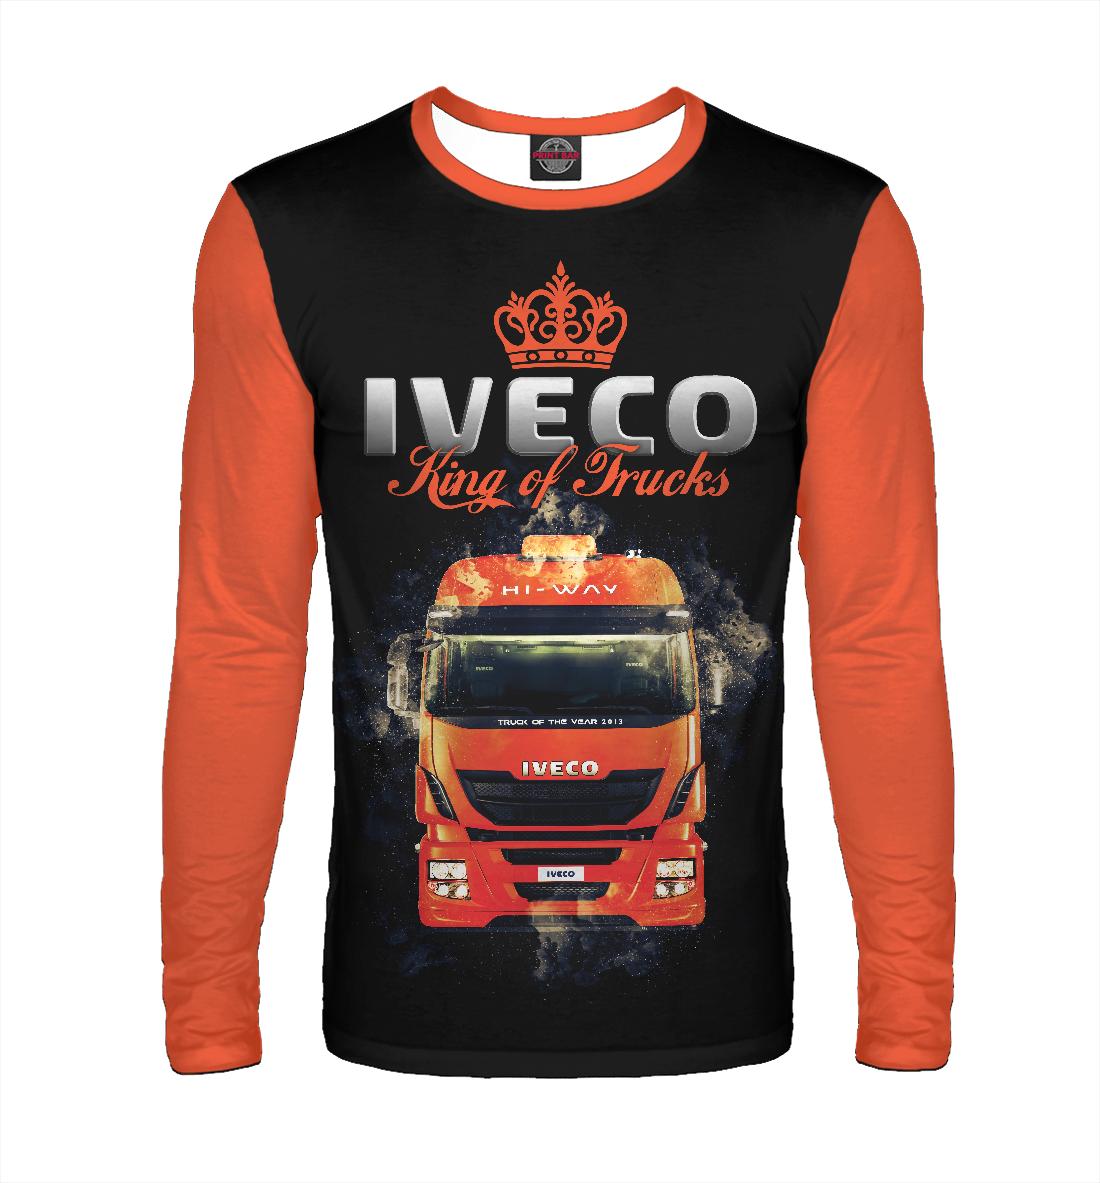 Купить IVECO - король грузовиков, Printbar, Лонгсливы, GRZ-502294-lon-2